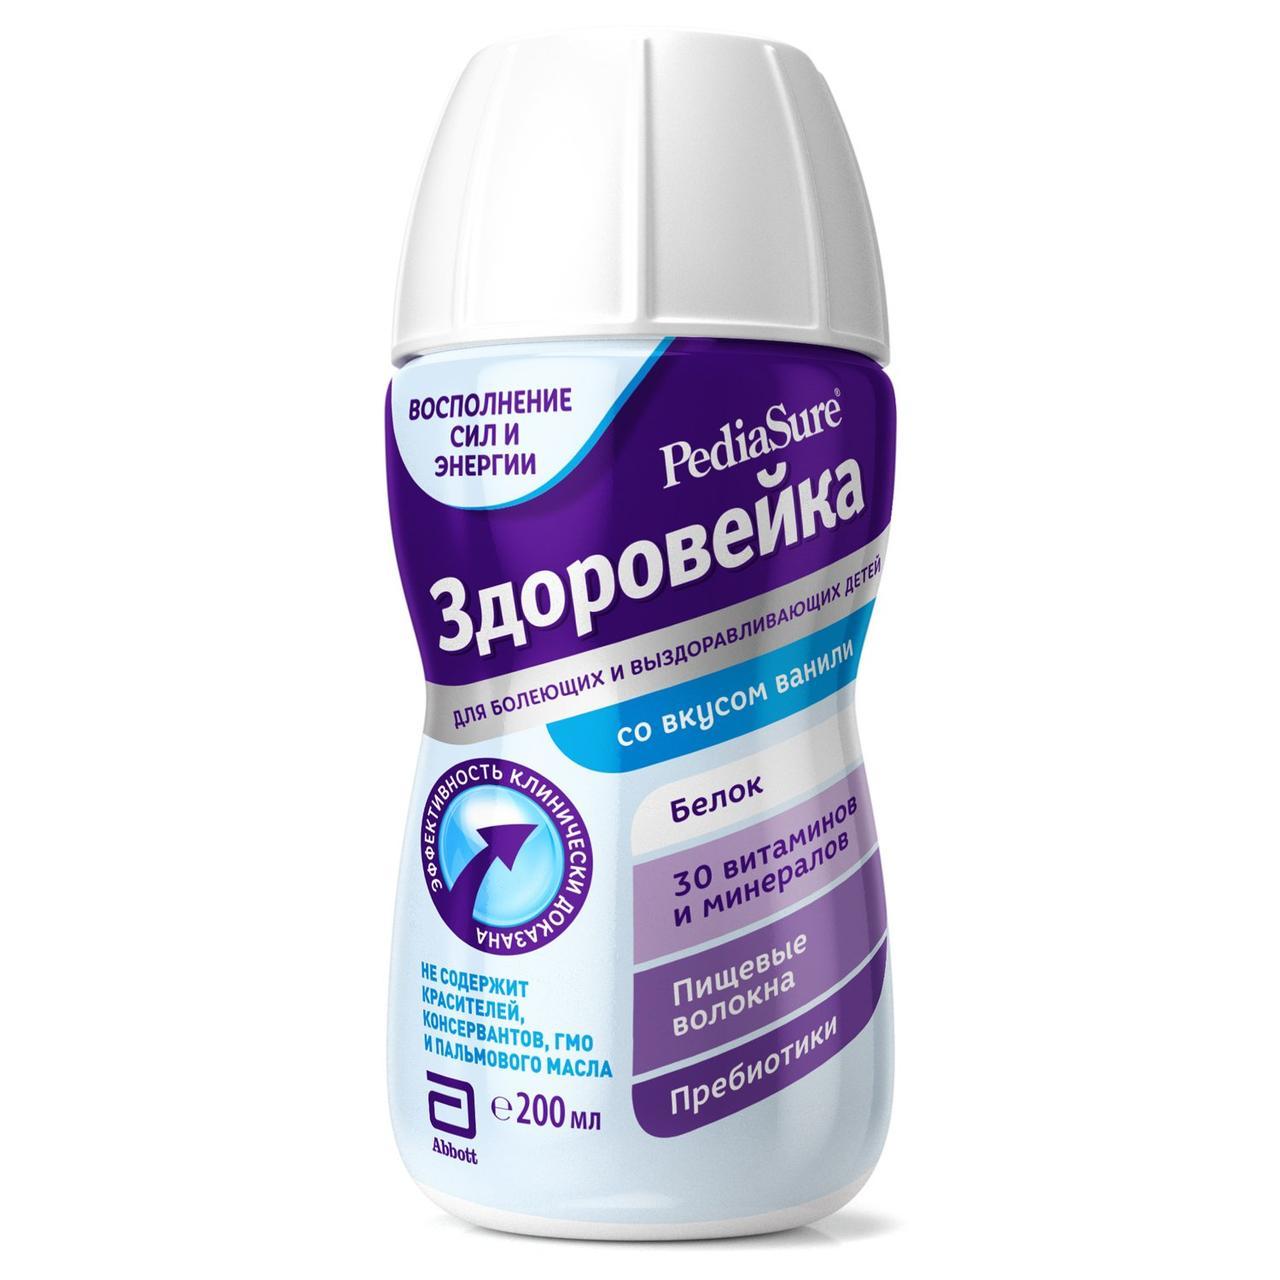 Здоровейка Pediasure для дополнительного питания вкус ванили с 1 года, 200 мл